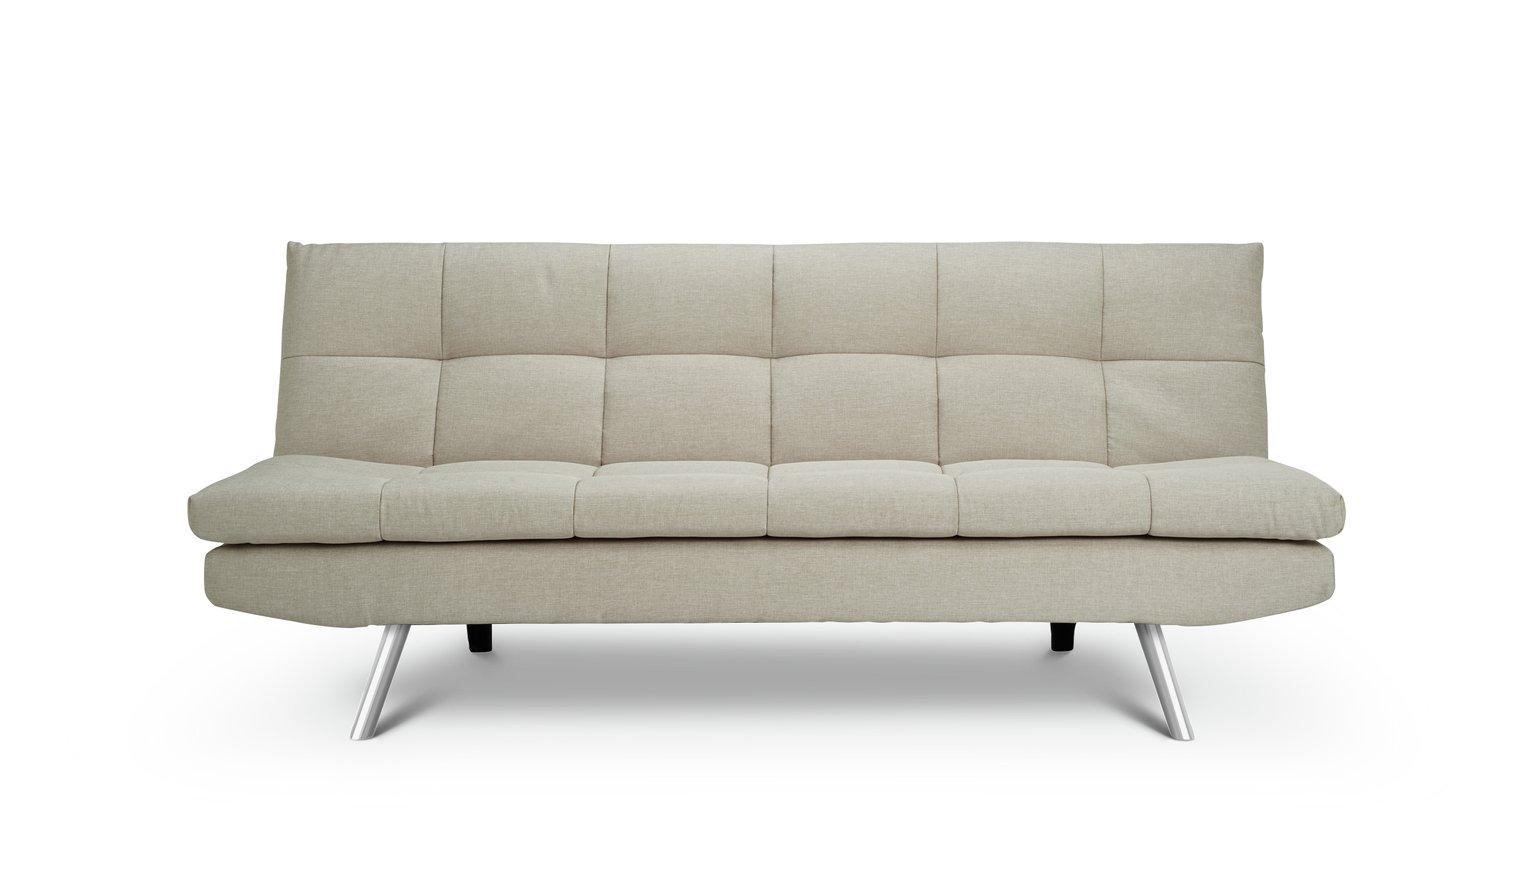 buy argos home nolan 3 seater fabric sofa bed natural sofa beds rh argos co uk where to buy a sofa bed where can i buy a sofa beds cheap